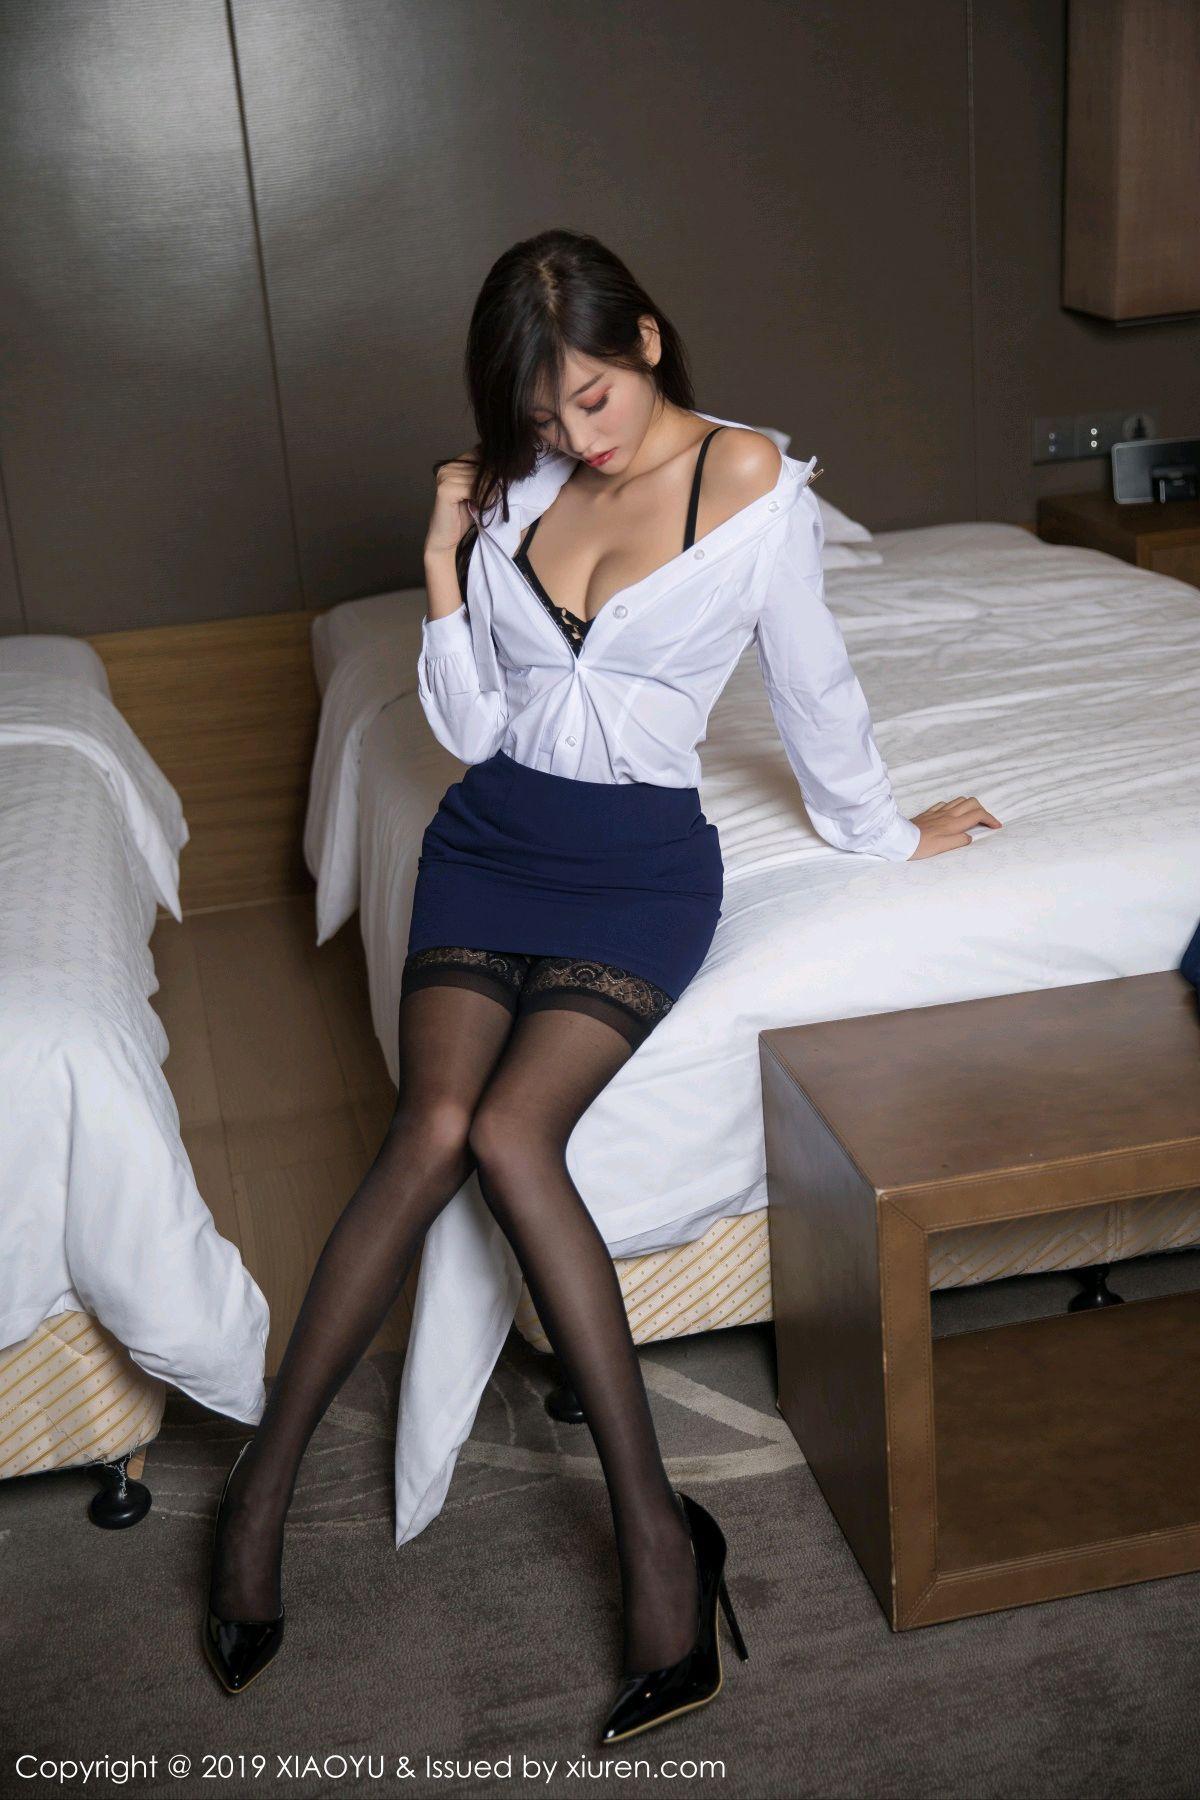 [XiaoYu] Vol.005 Yang Chen Chen 25P, Black Silk, Tall, Uniform, XiaoYu, Yang Chen Chen